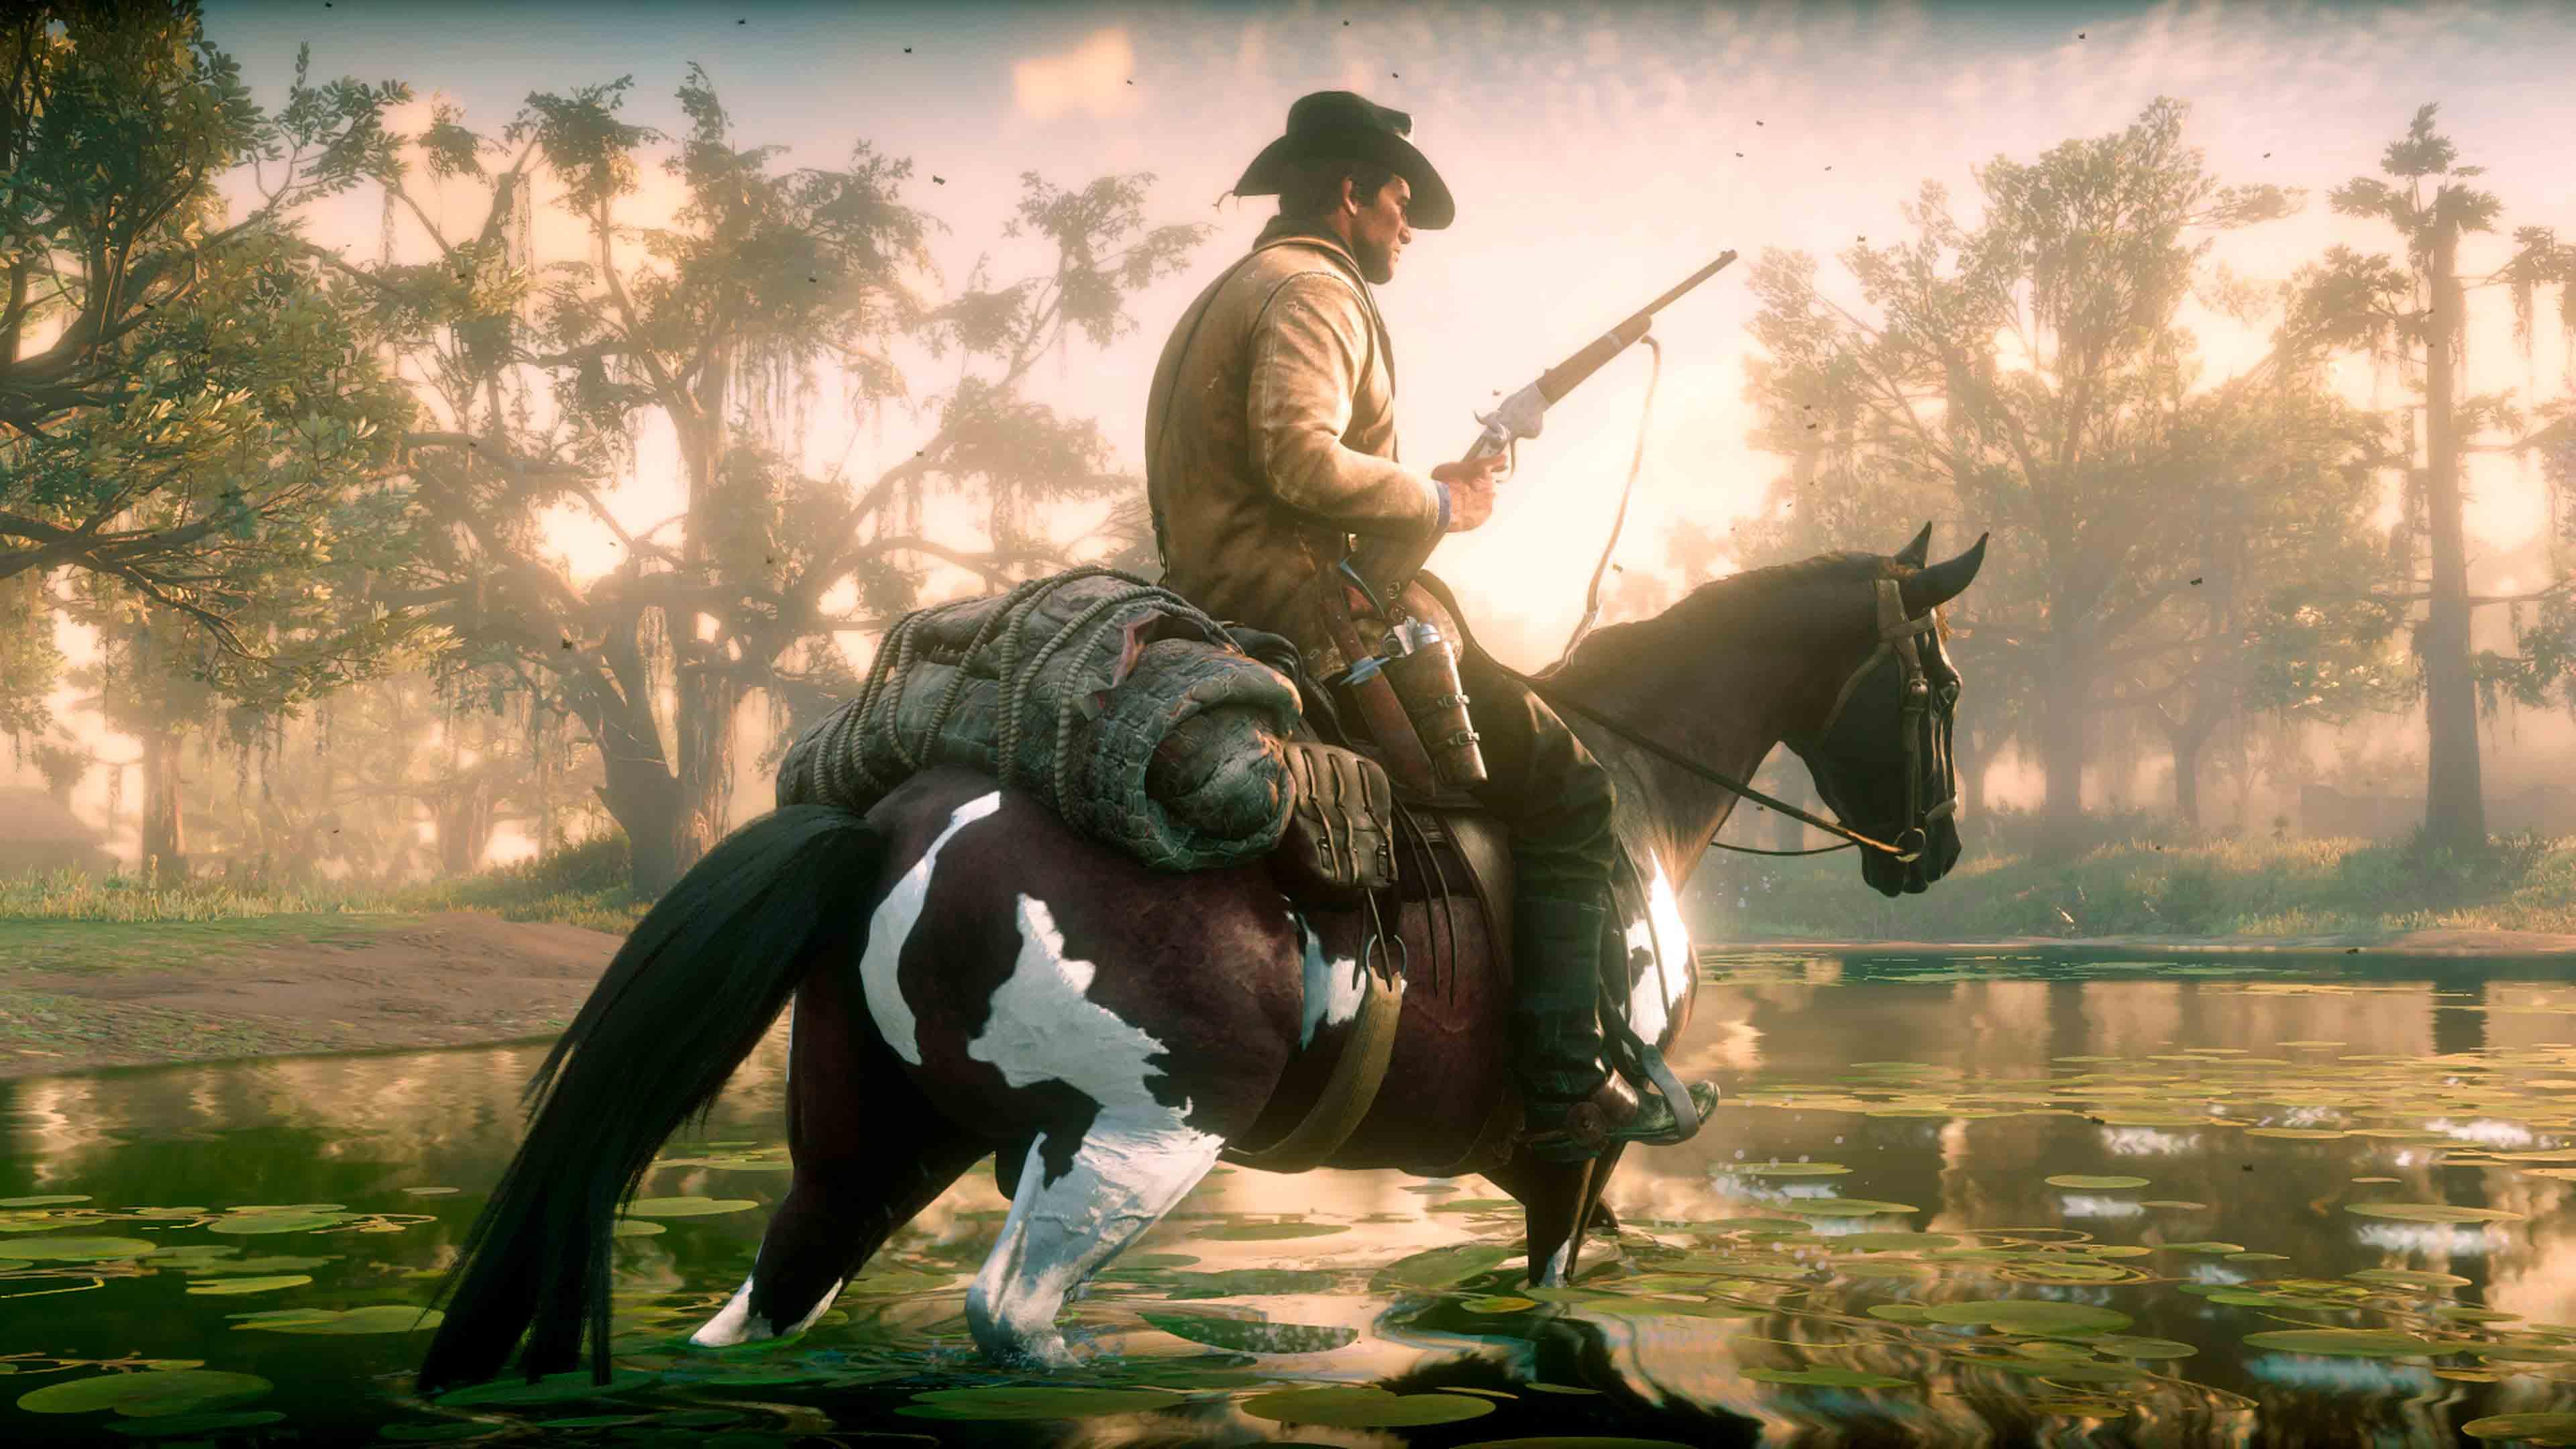 Ahora sí, Red Dead Redemption 2 se actualiza para corregir errores y mejorar el rendimiento en PC 4